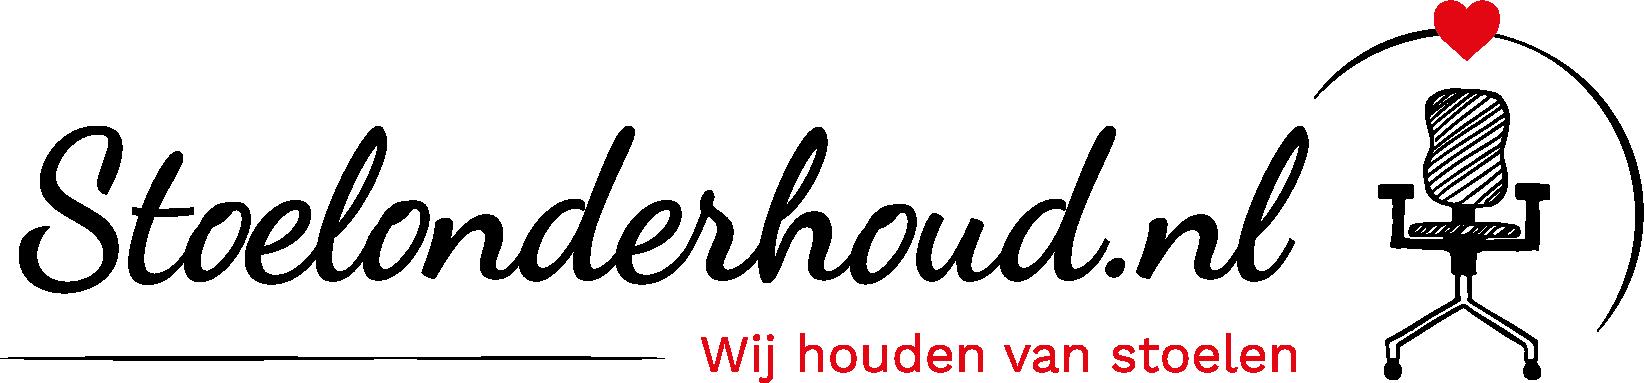 Stoelonderhoud.nl